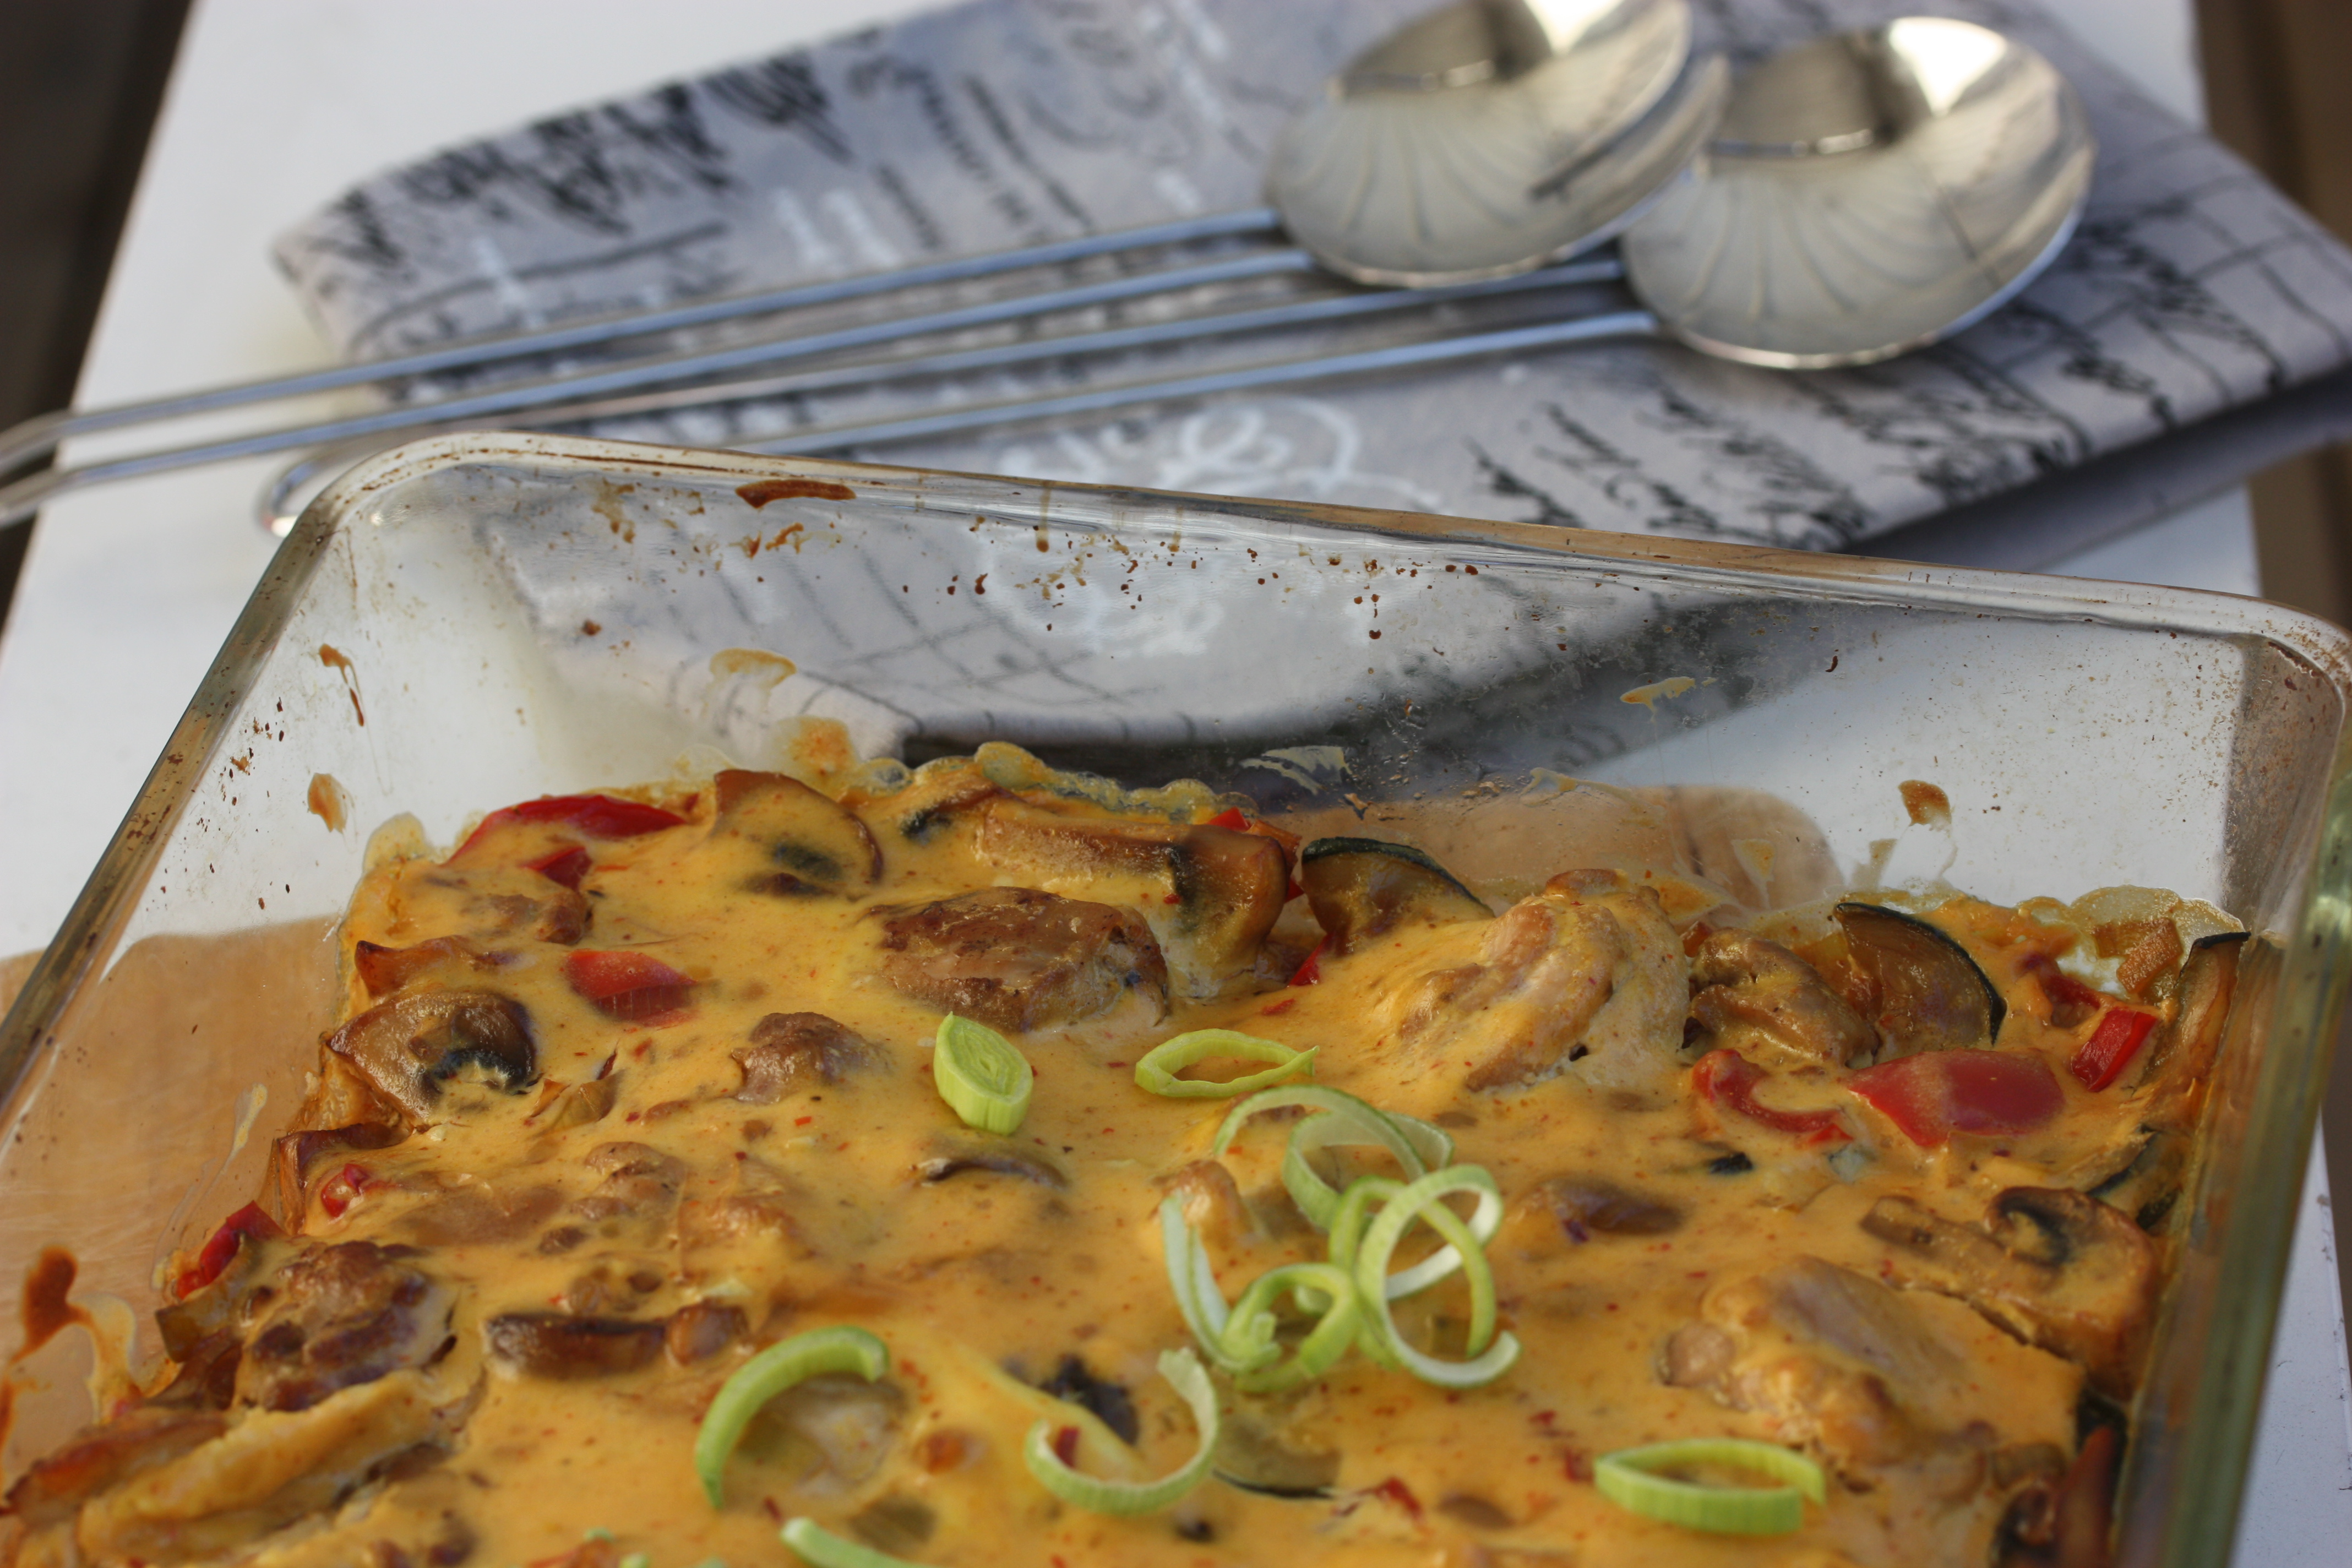 kald saus med kapers og bladpersille